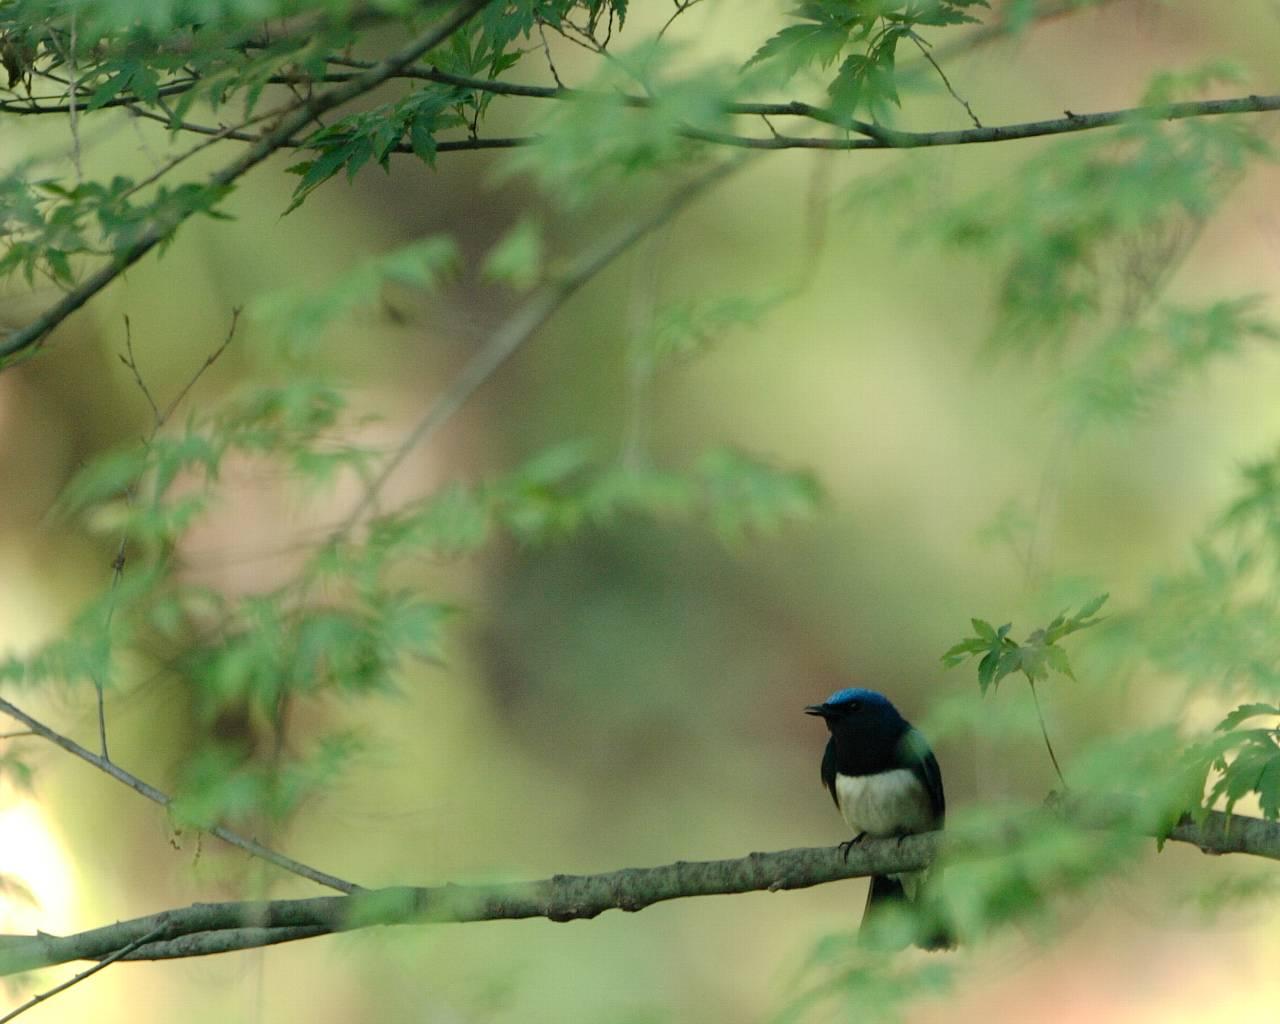 厚木市の青い鳥、赤い鳥、黄色い鳥(全て壁紙あり)_f0105570_21241755.jpg